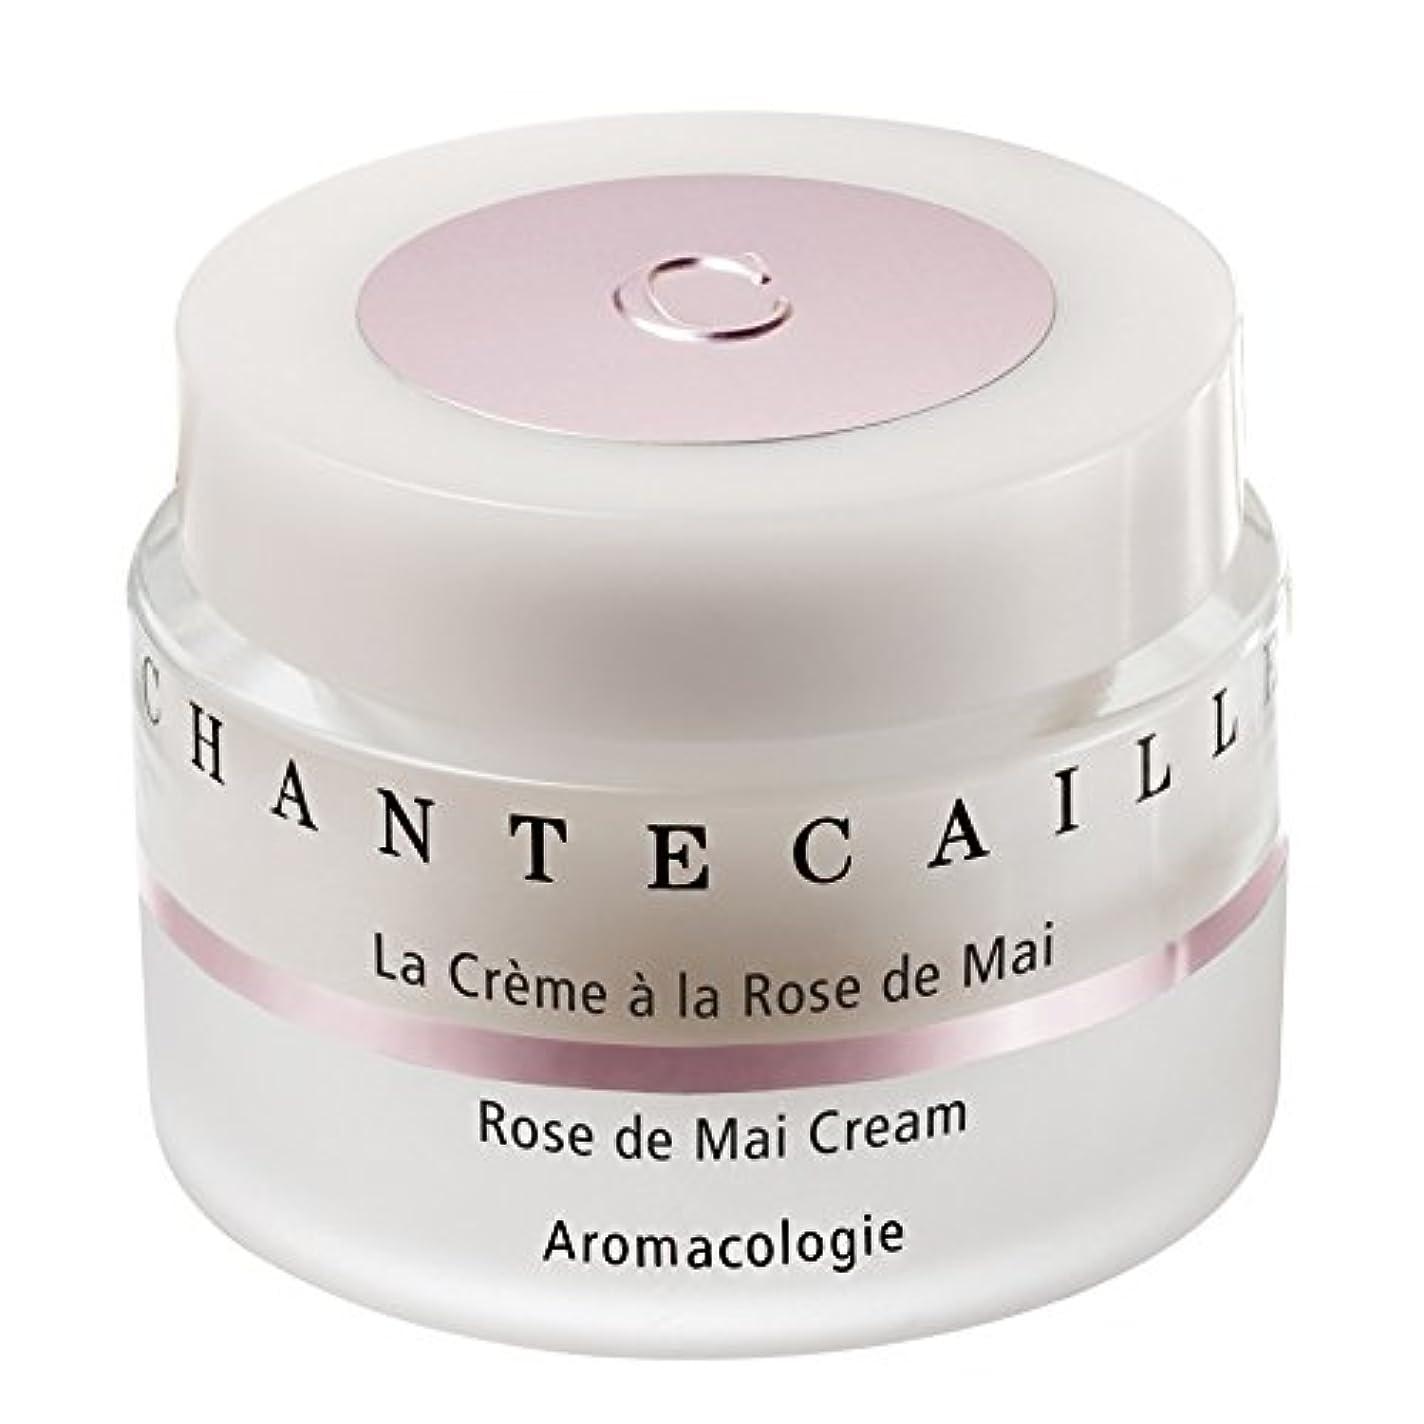 砂の通知する夜Chantecaille La Creme a la Rose de Mai Moisturiser 50ml - シャンテカイユラクリームア?ラ?ローズ?ド?舞保湿50ミリリットル [並行輸入品]